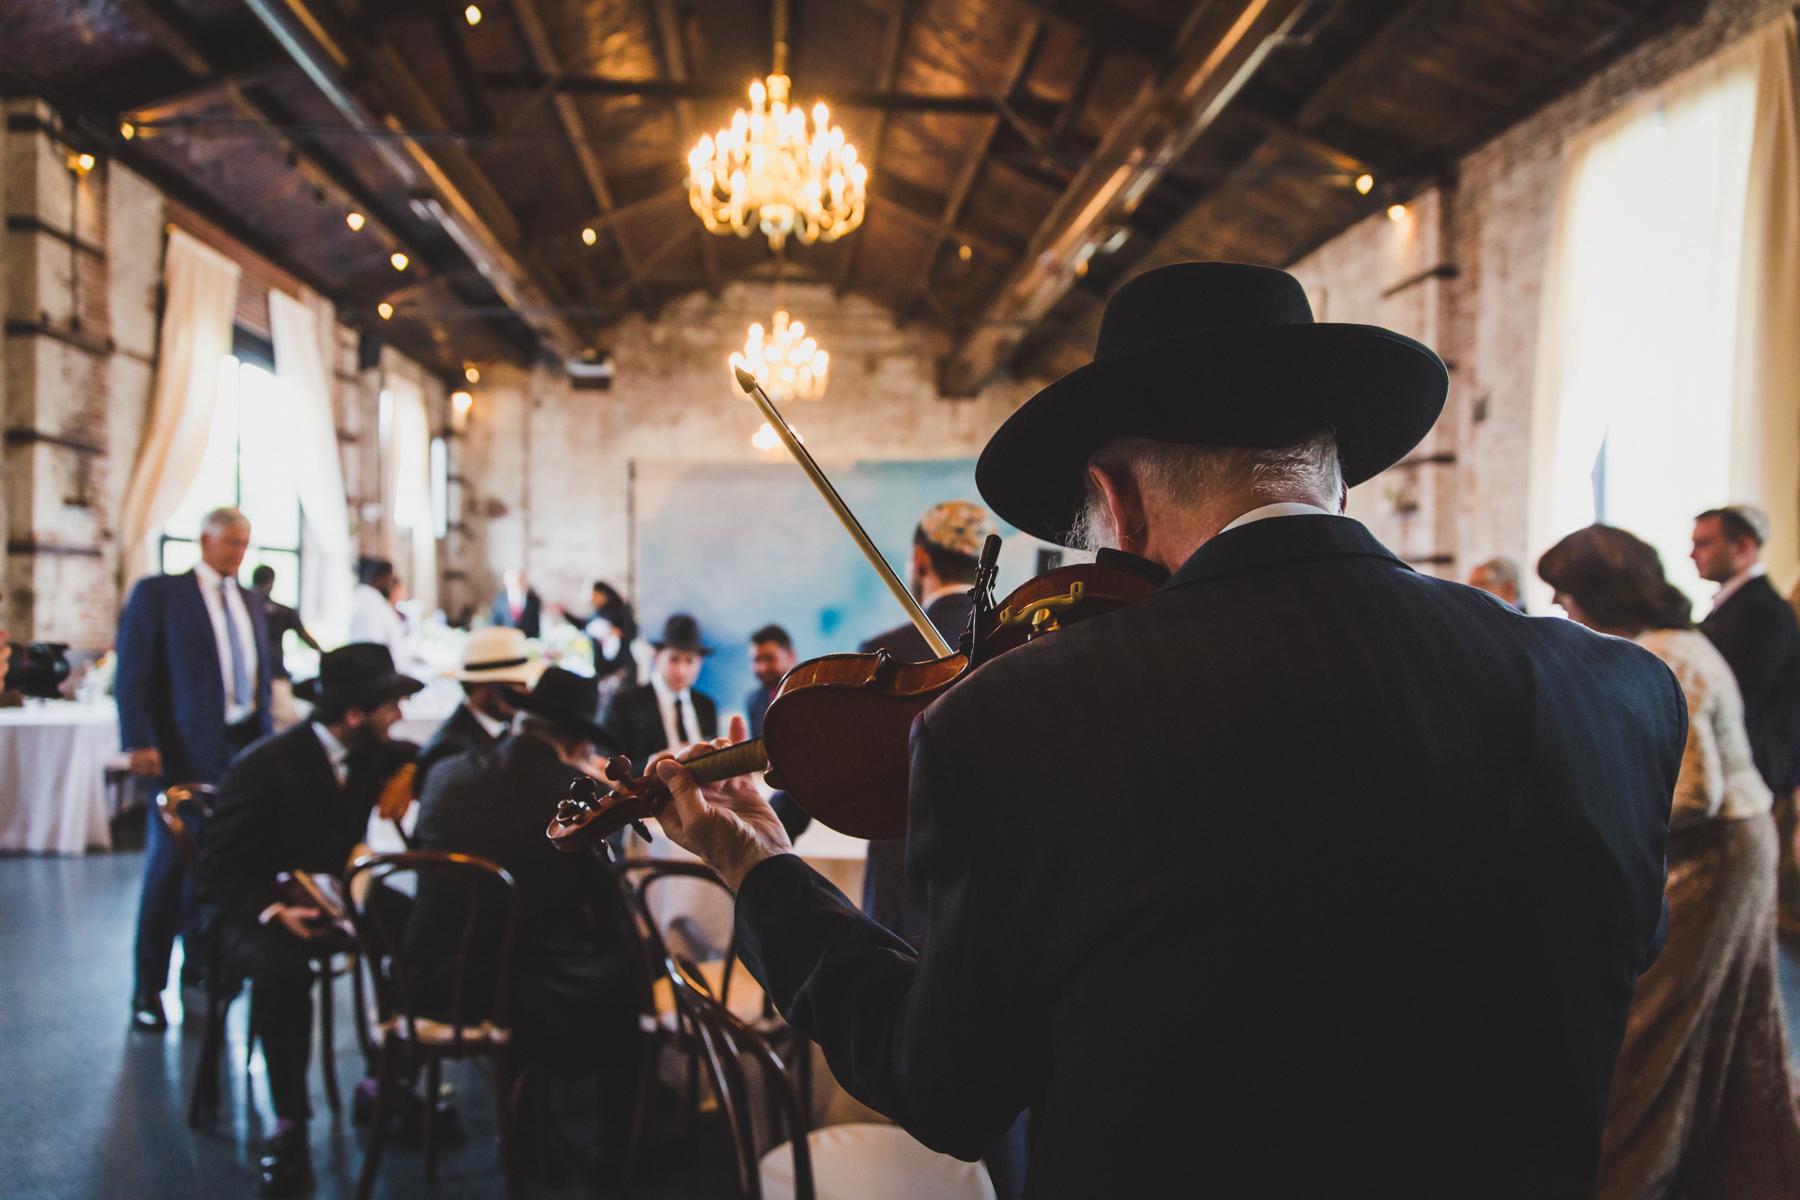 Wythe-Hotel-Green-Building-Brooklyn-Documentary-Wedding-Photography-52.jpg